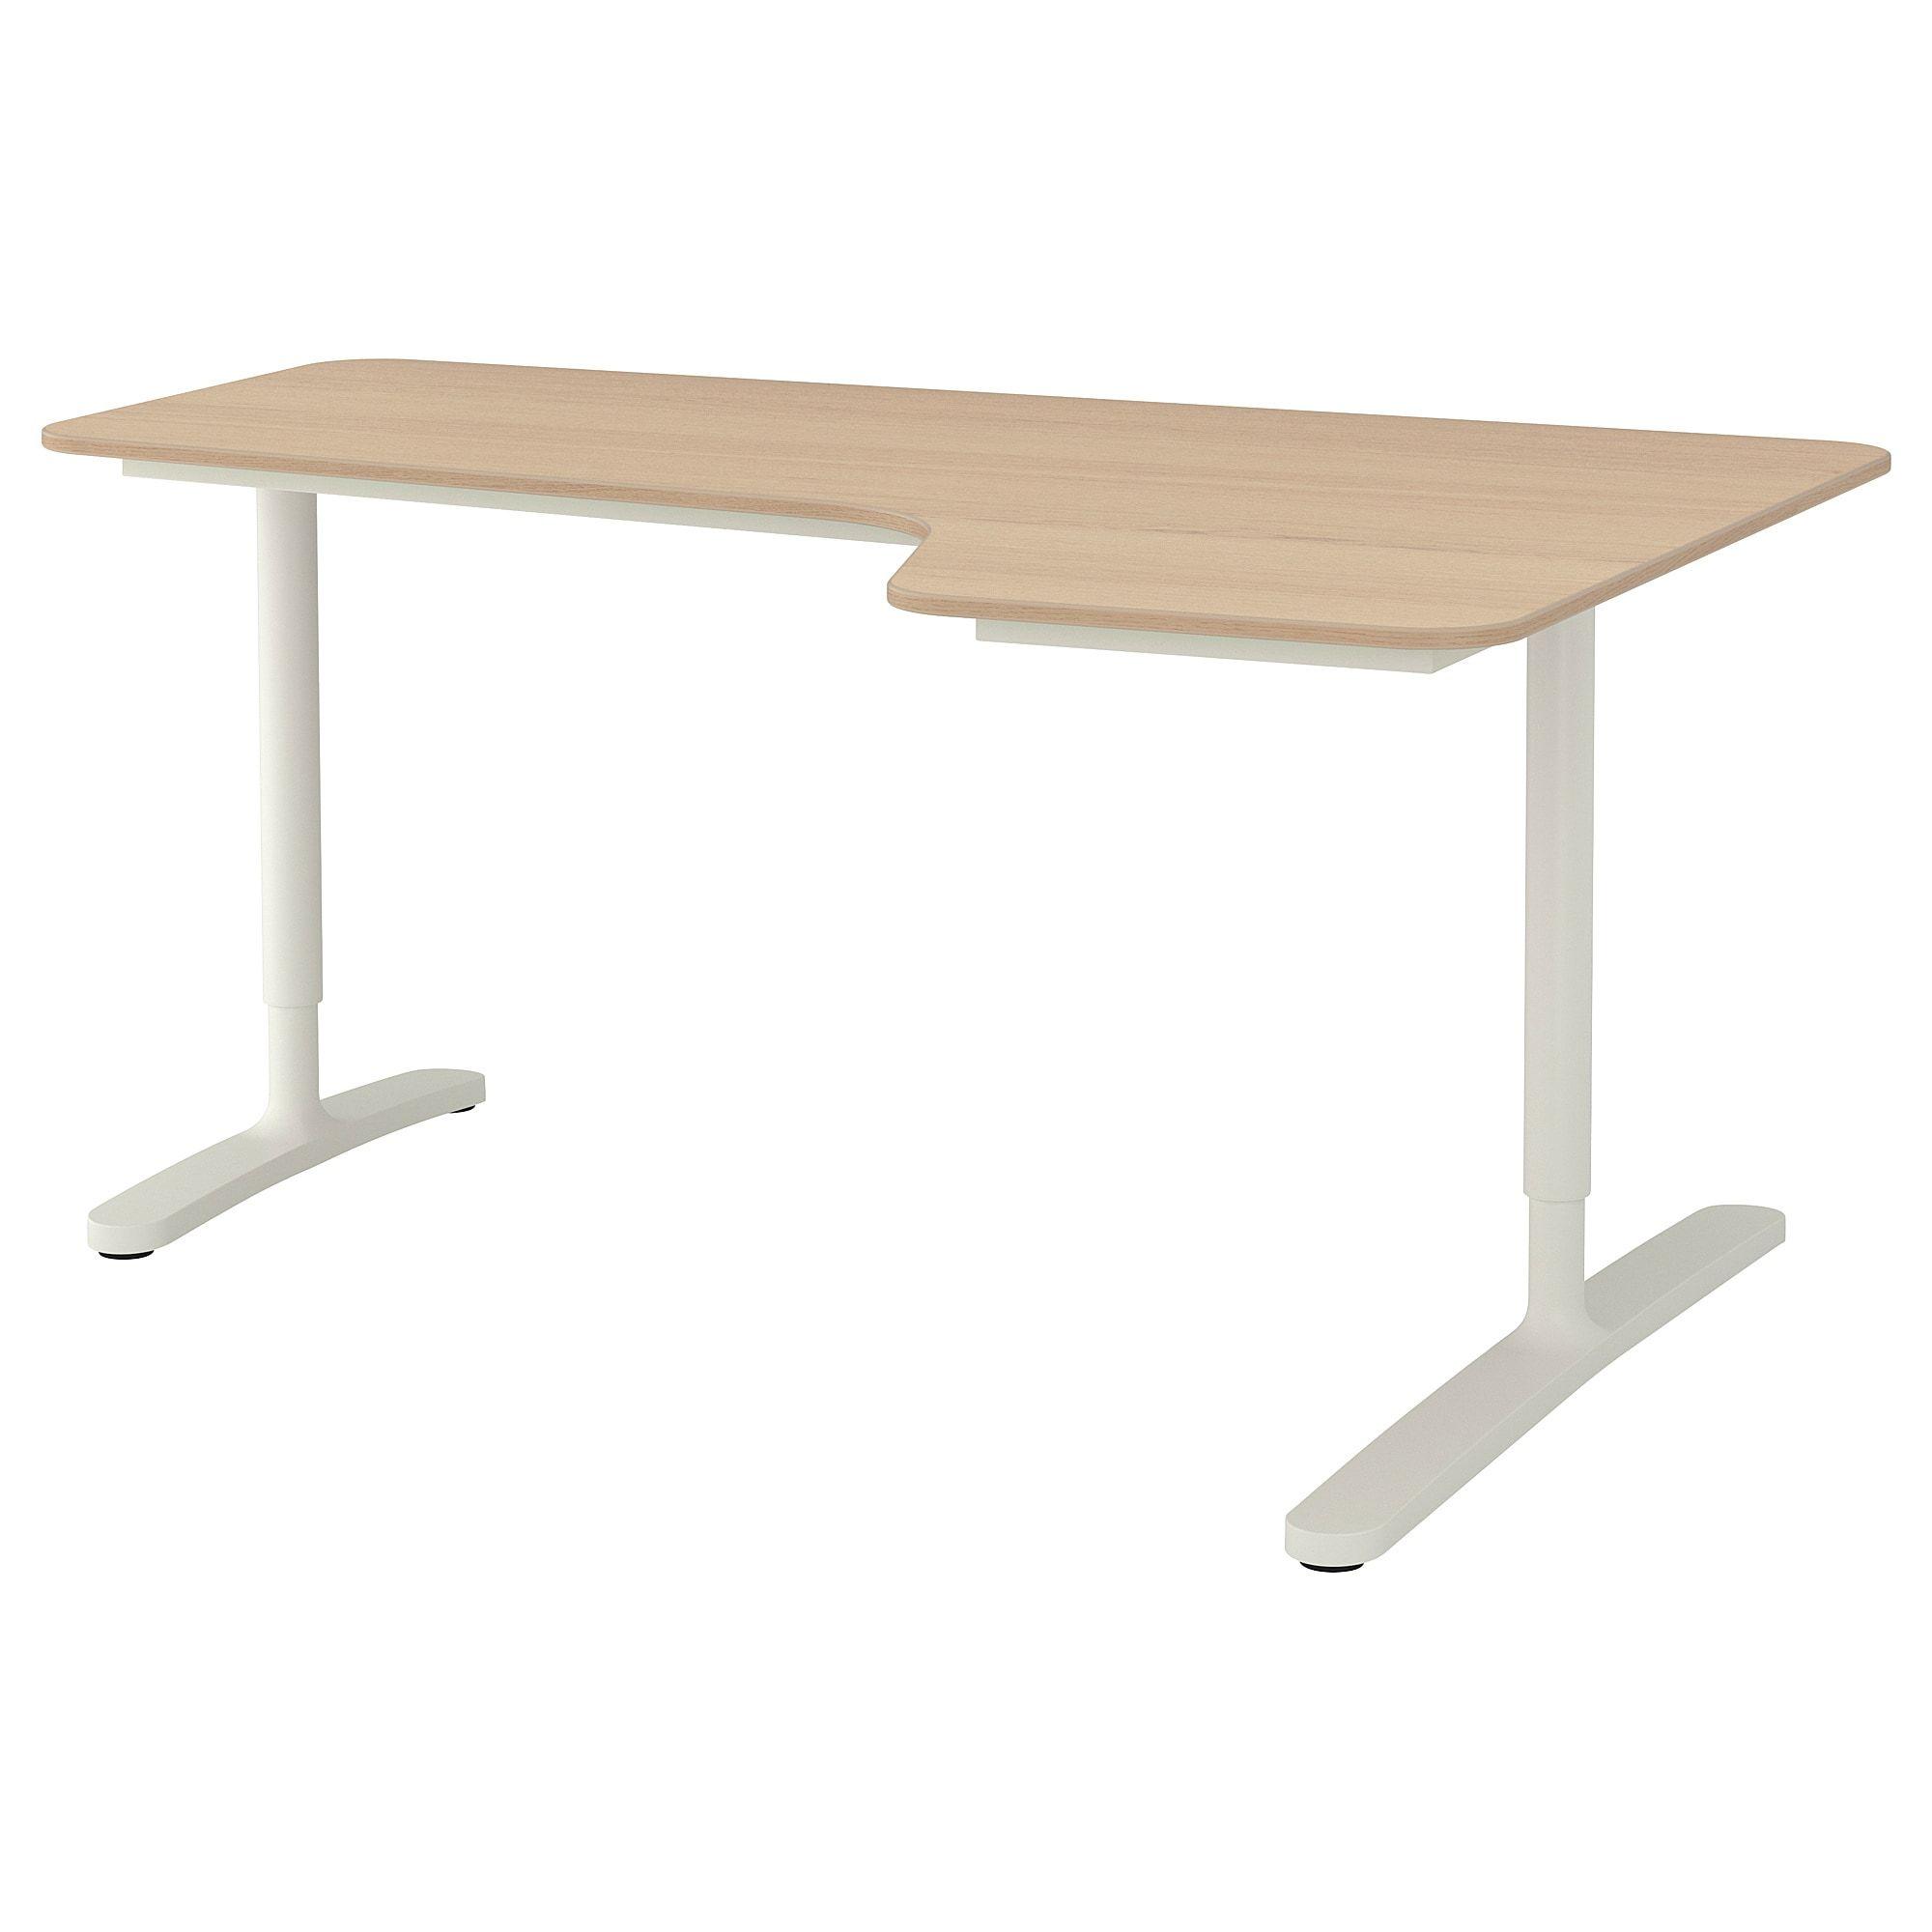 Bekant Ecktisch Rechts Eichenfurnier Weiss Lasiert Weiss Ikea Osterreich Ecktisch Eiche Und Aufgeraumter Schreibtisch